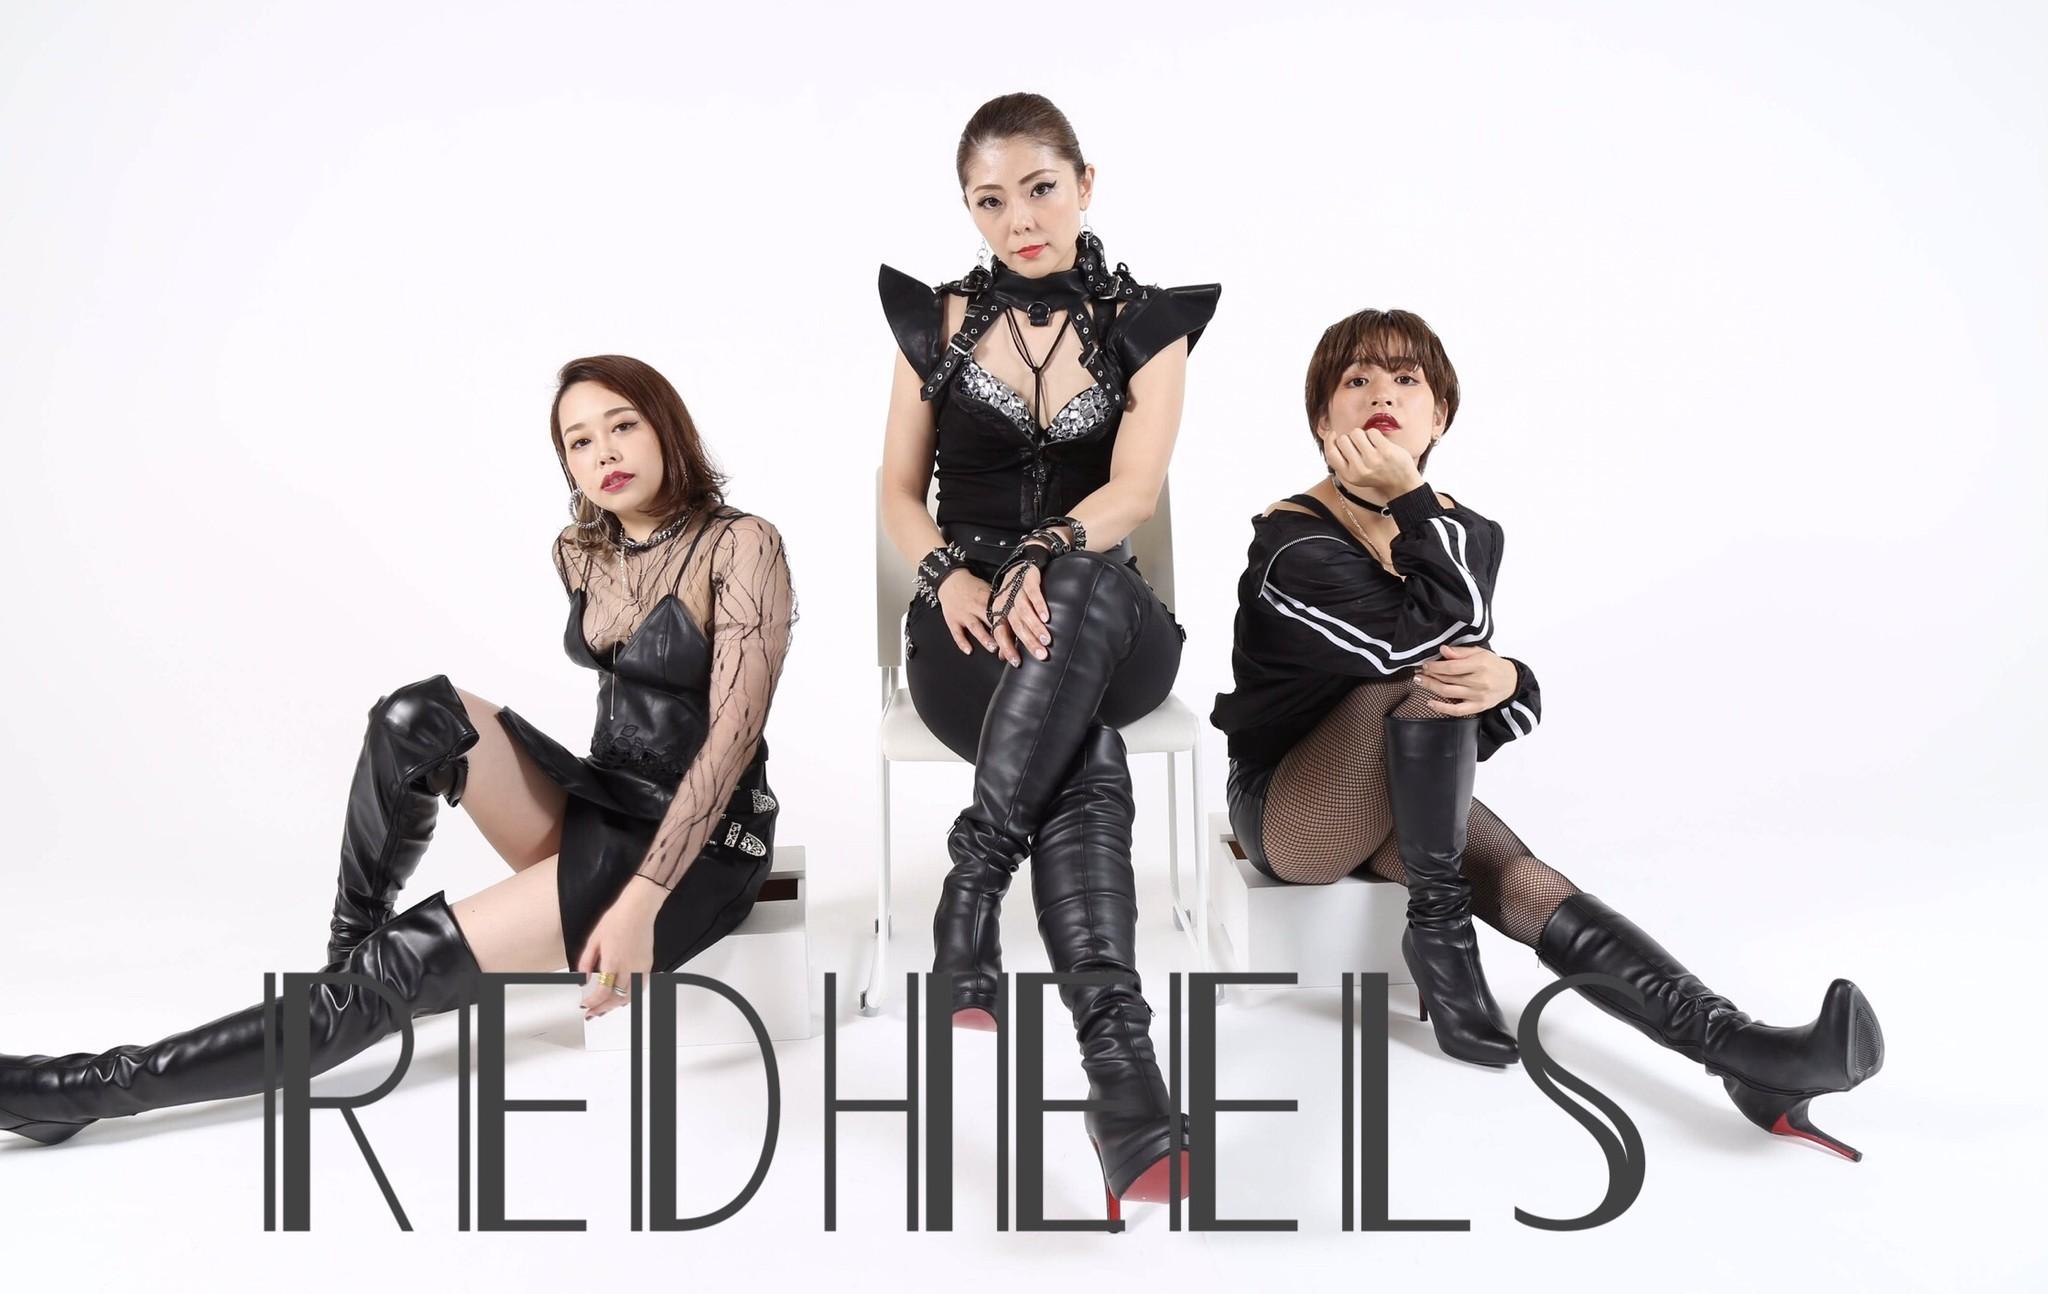 Red Heels Shop